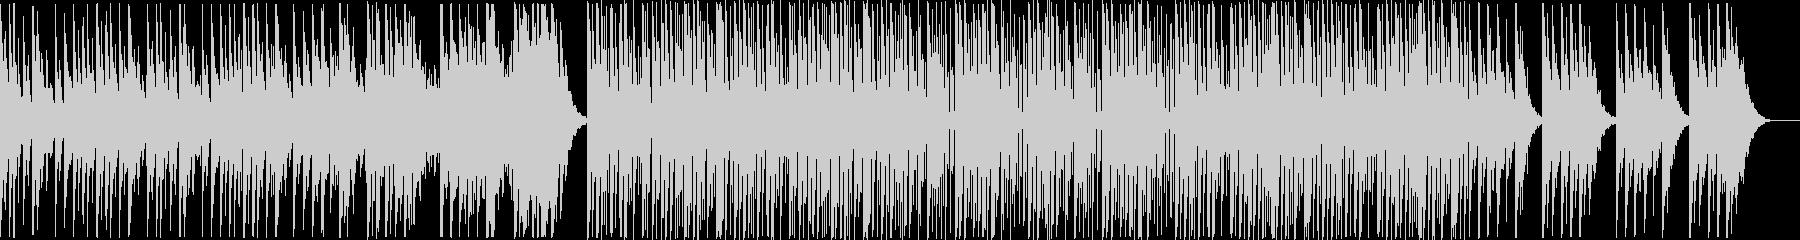 2000年初頭をイメージしたIDMです。の未再生の波形